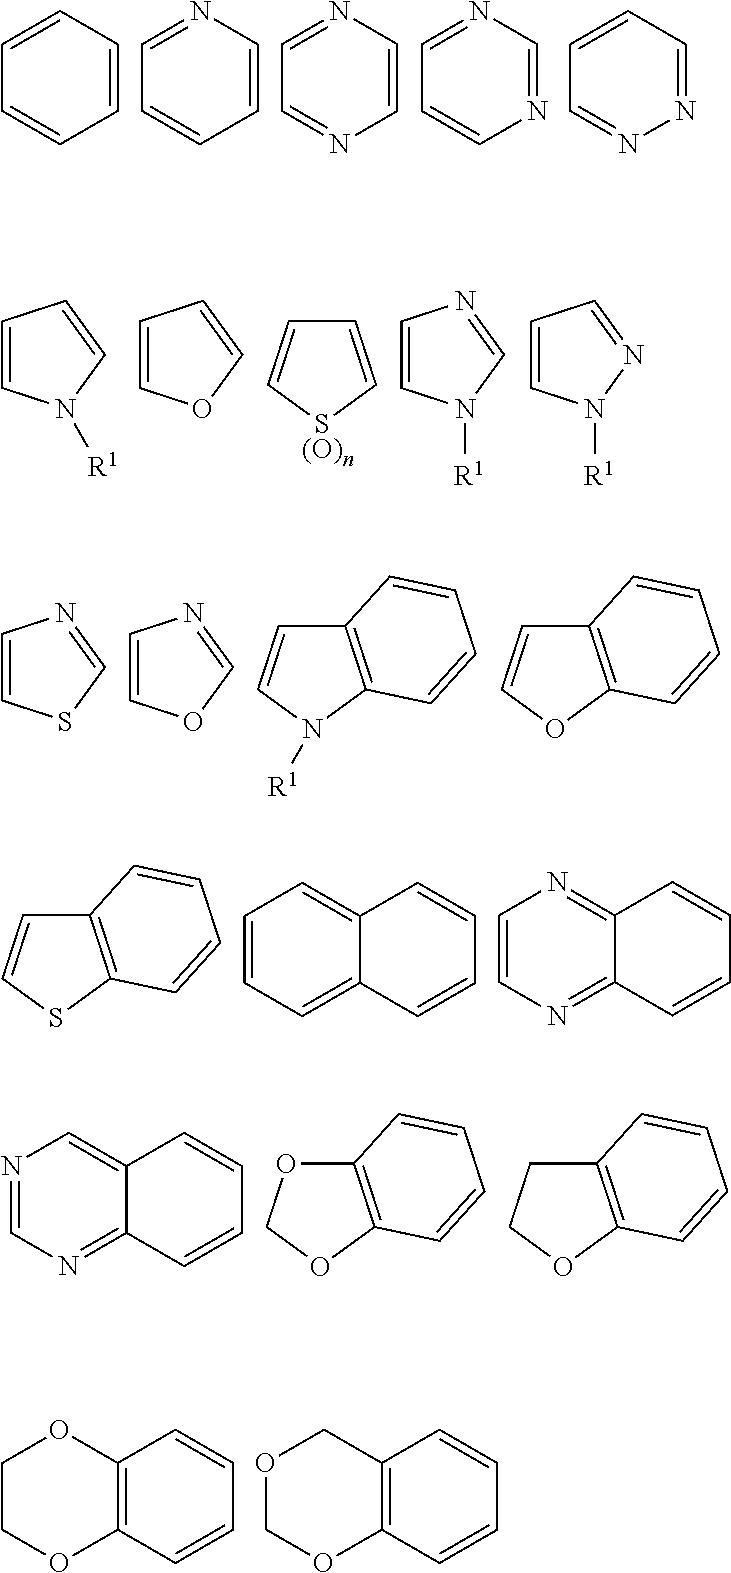 Figure US20110053905A1-20110303-C00024